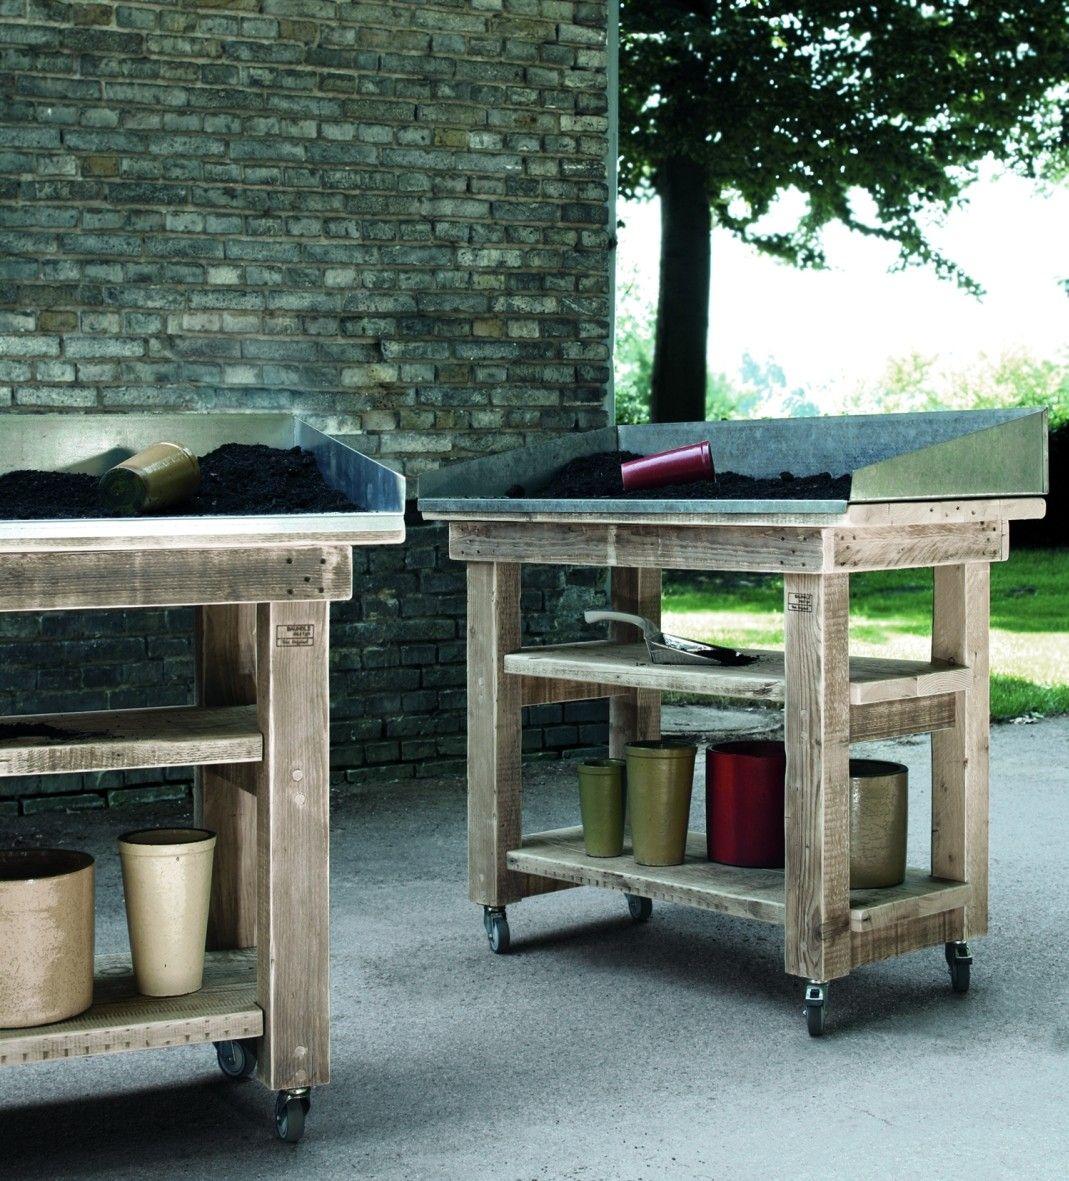 Bauholz design arbeitstisch mit zinkauflage bauholz for Arbeitstisch design